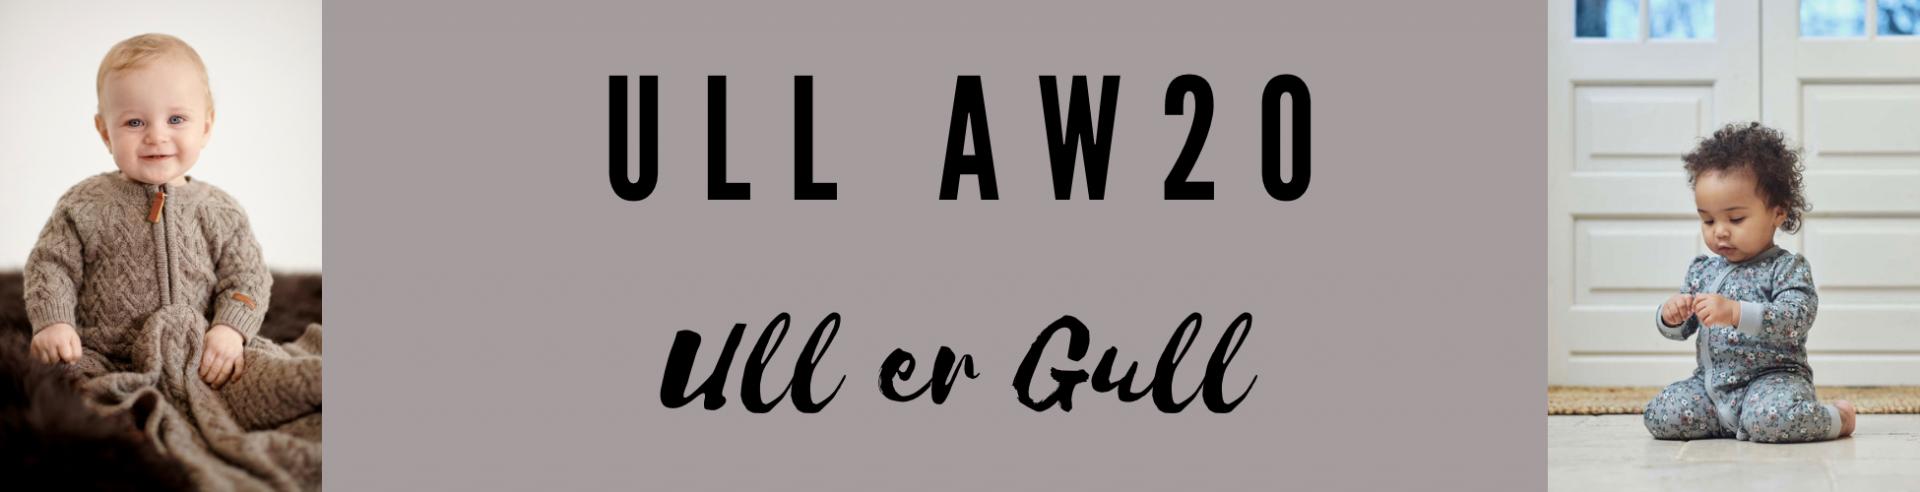 ULL AW20